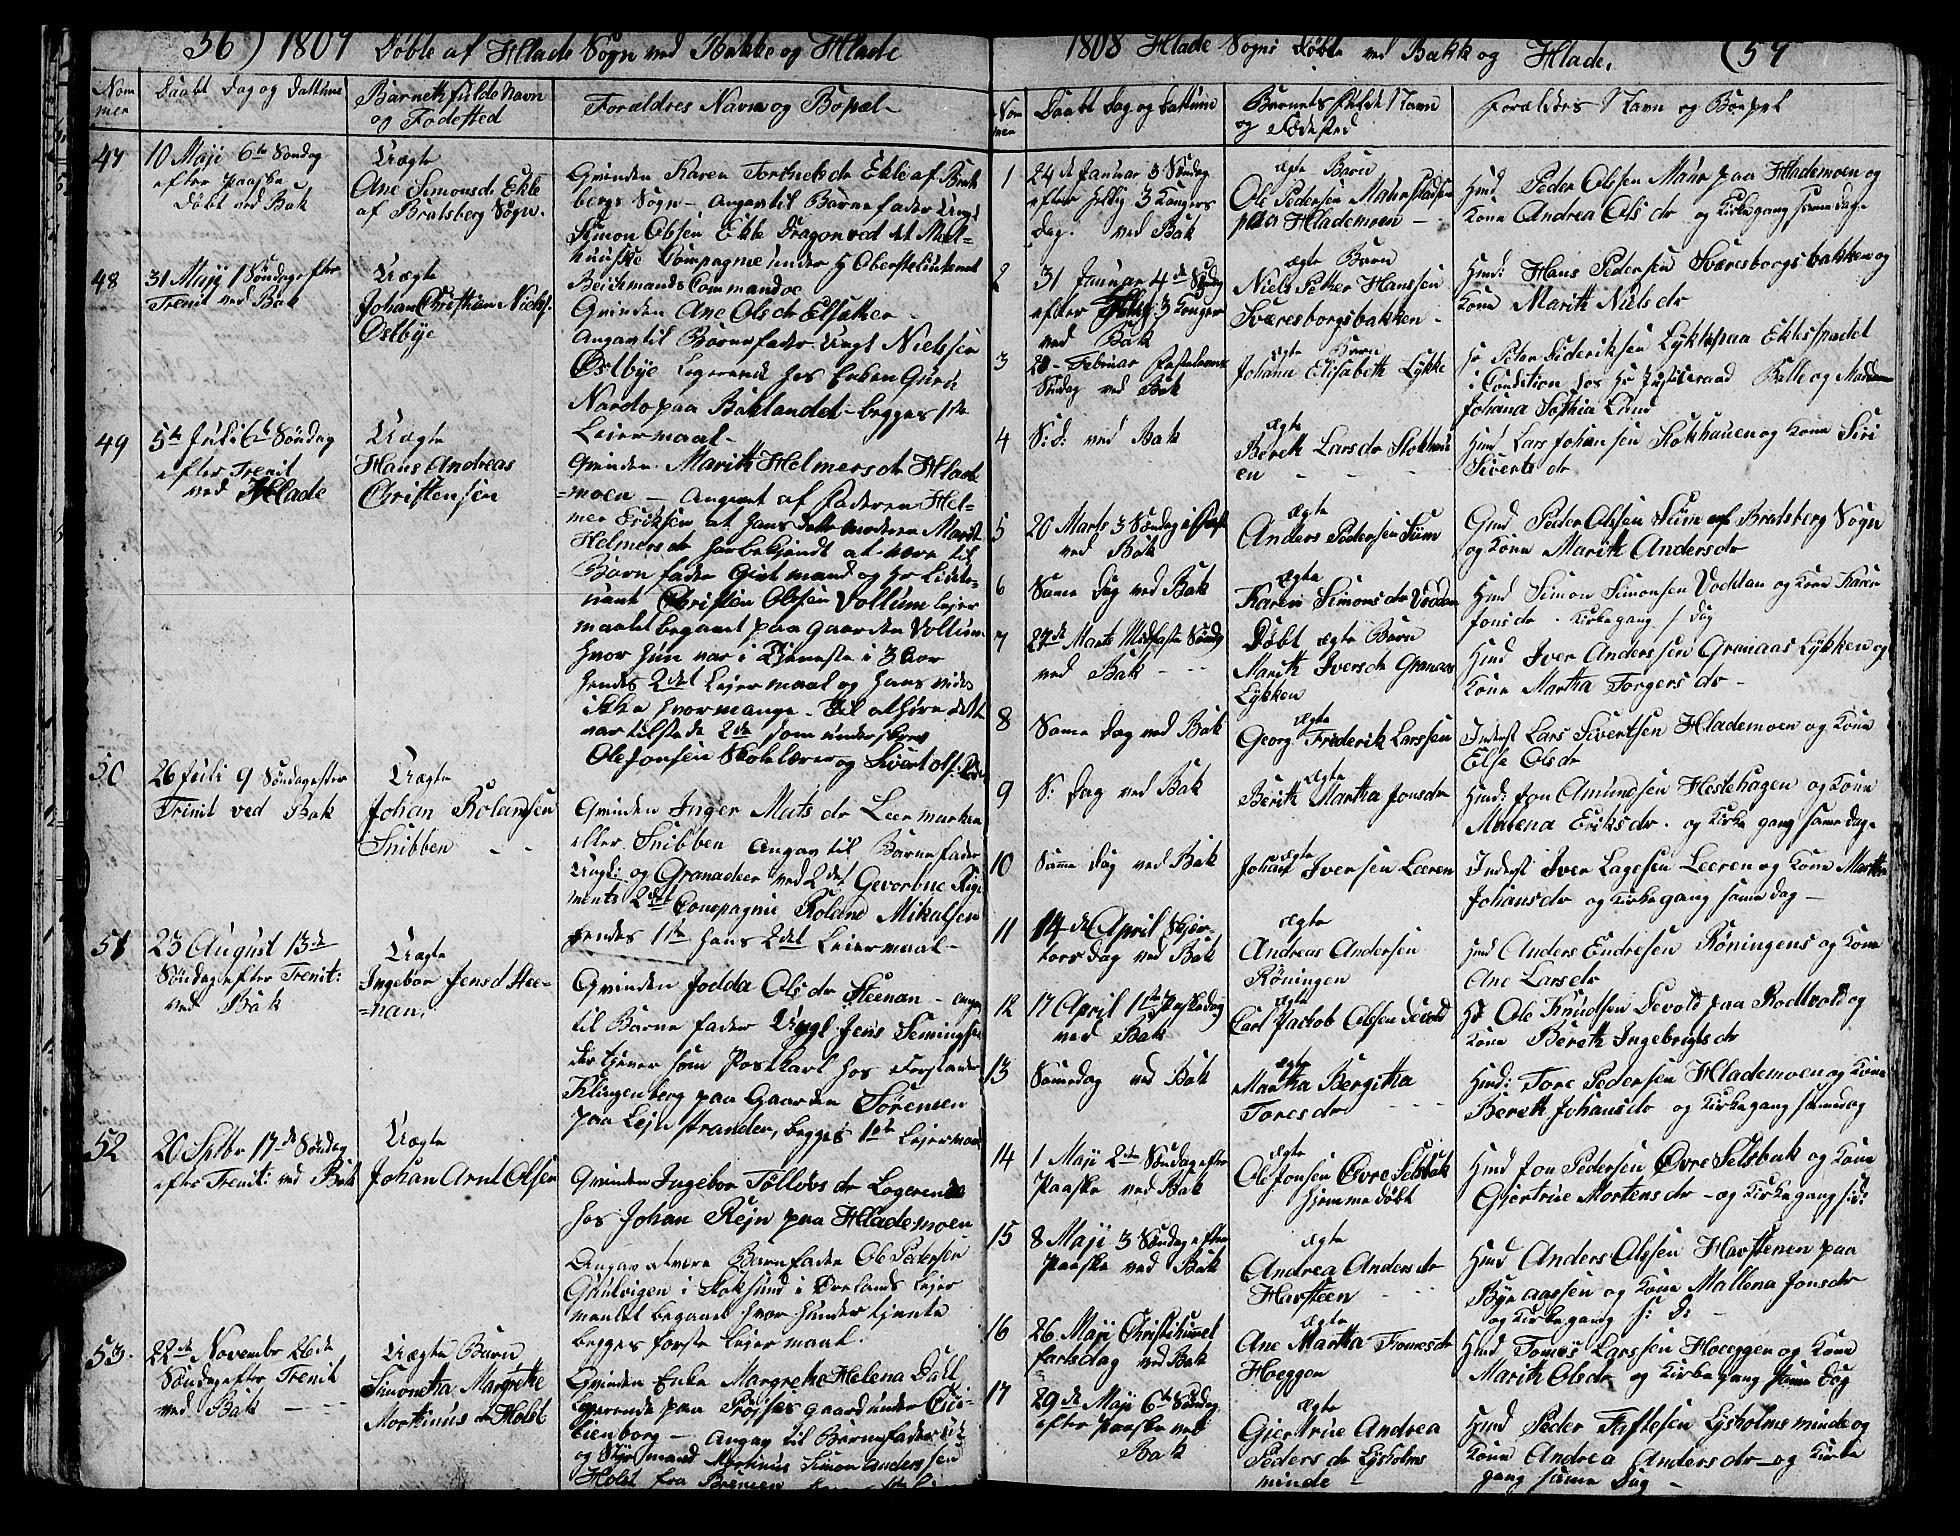 SAT, Ministerialprotokoller, klokkerbøker og fødselsregistre - Sør-Trøndelag, 606/L0306: Klokkerbok nr. 606C02, 1797-1829, s. 56-57